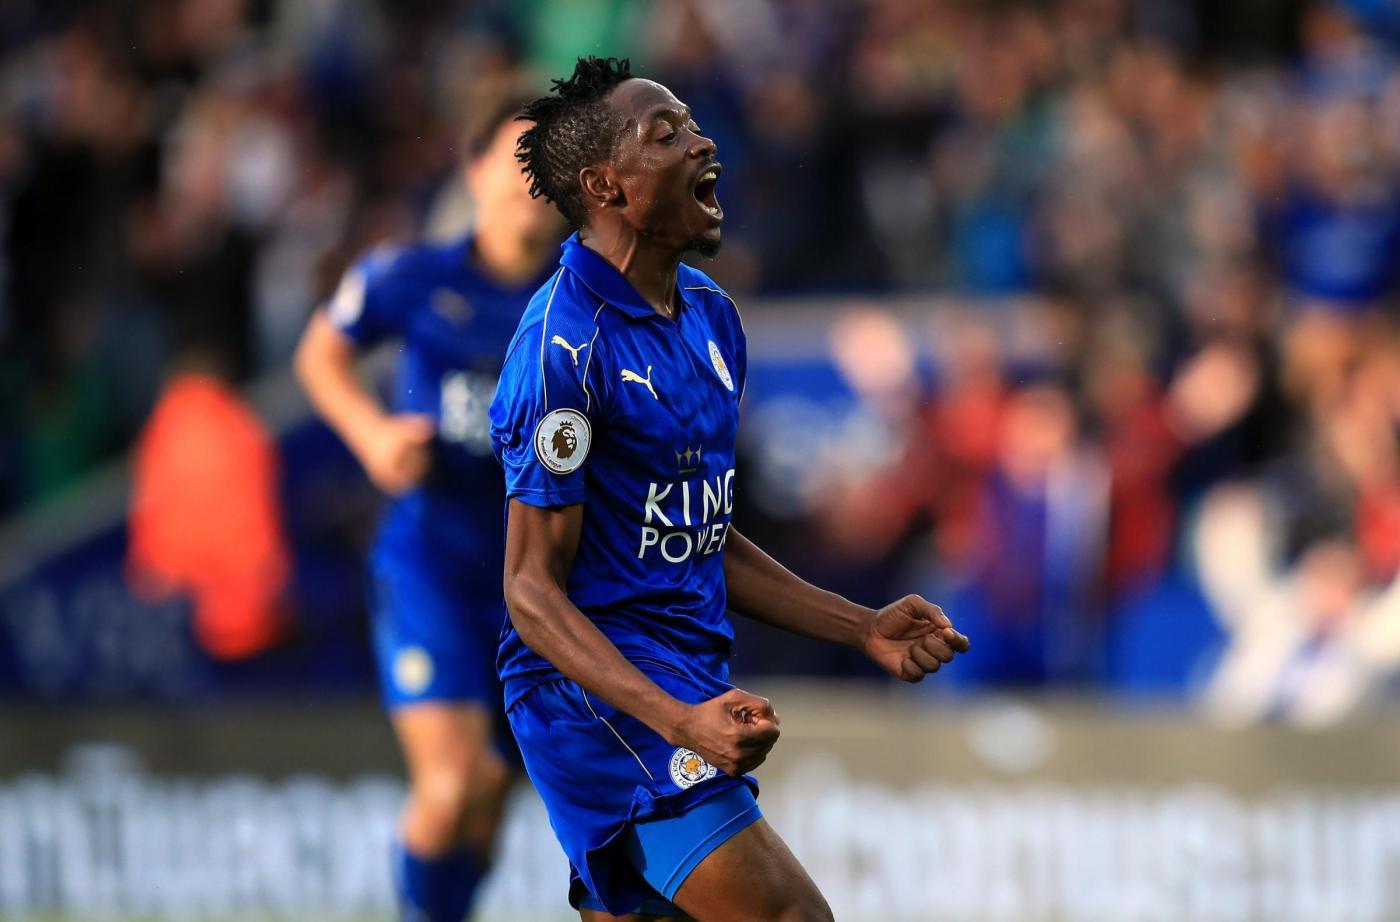 Leicester, Musa arrestato e rilasciato